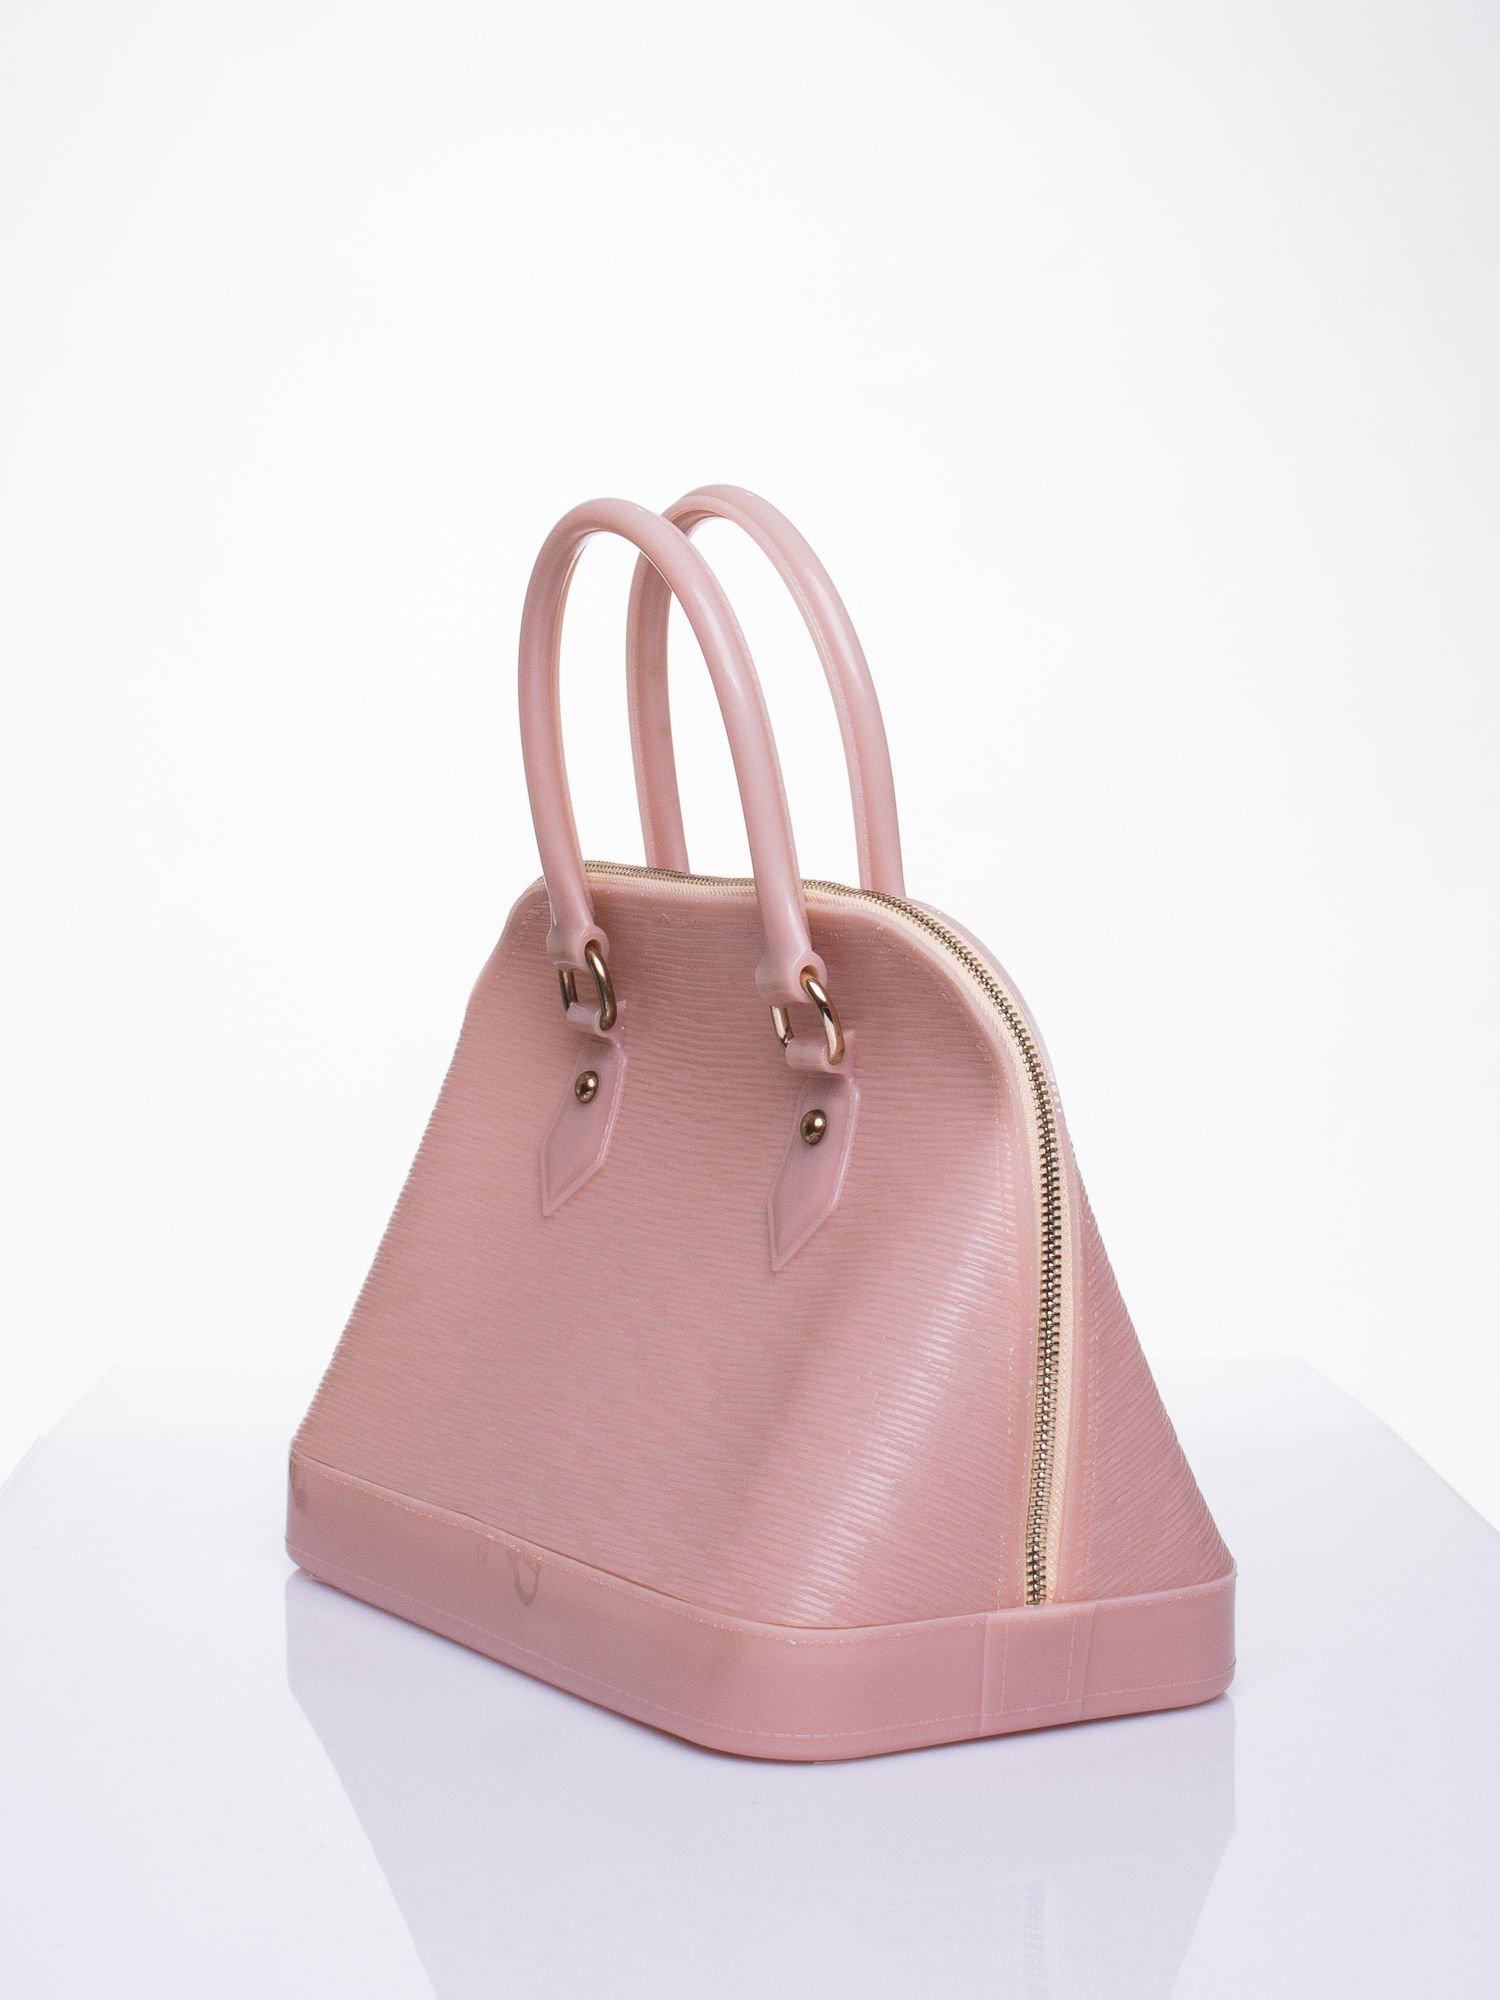 Beżowa fakturowana torba gumowa kuferek z rączką                                  zdj.                                  2